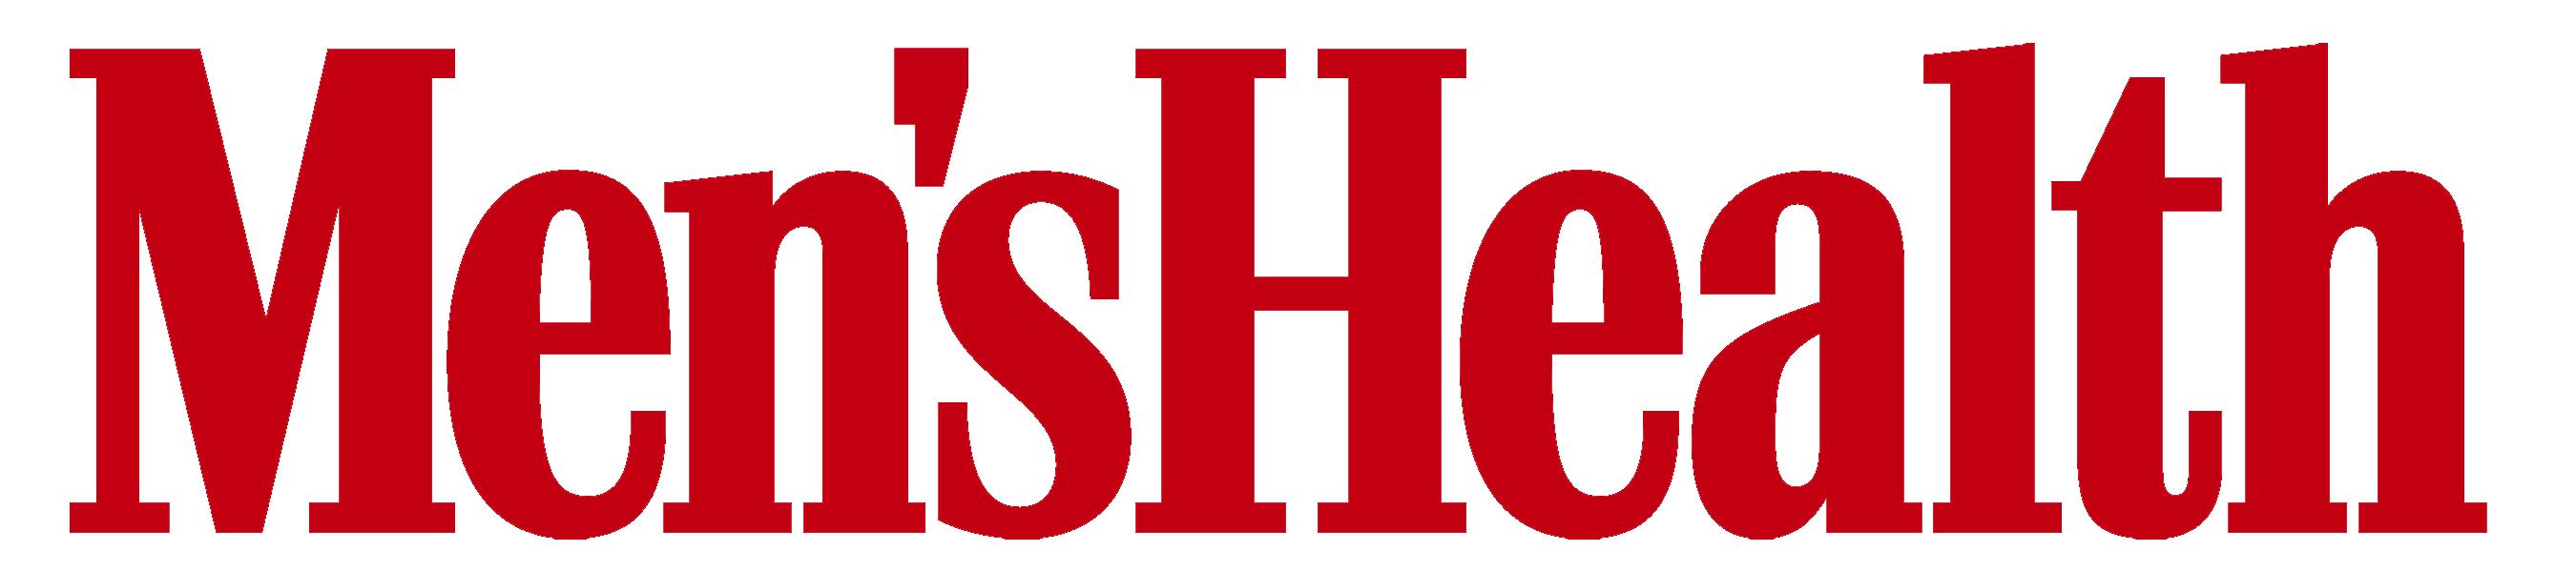 Resultado de imagen de men's health logo